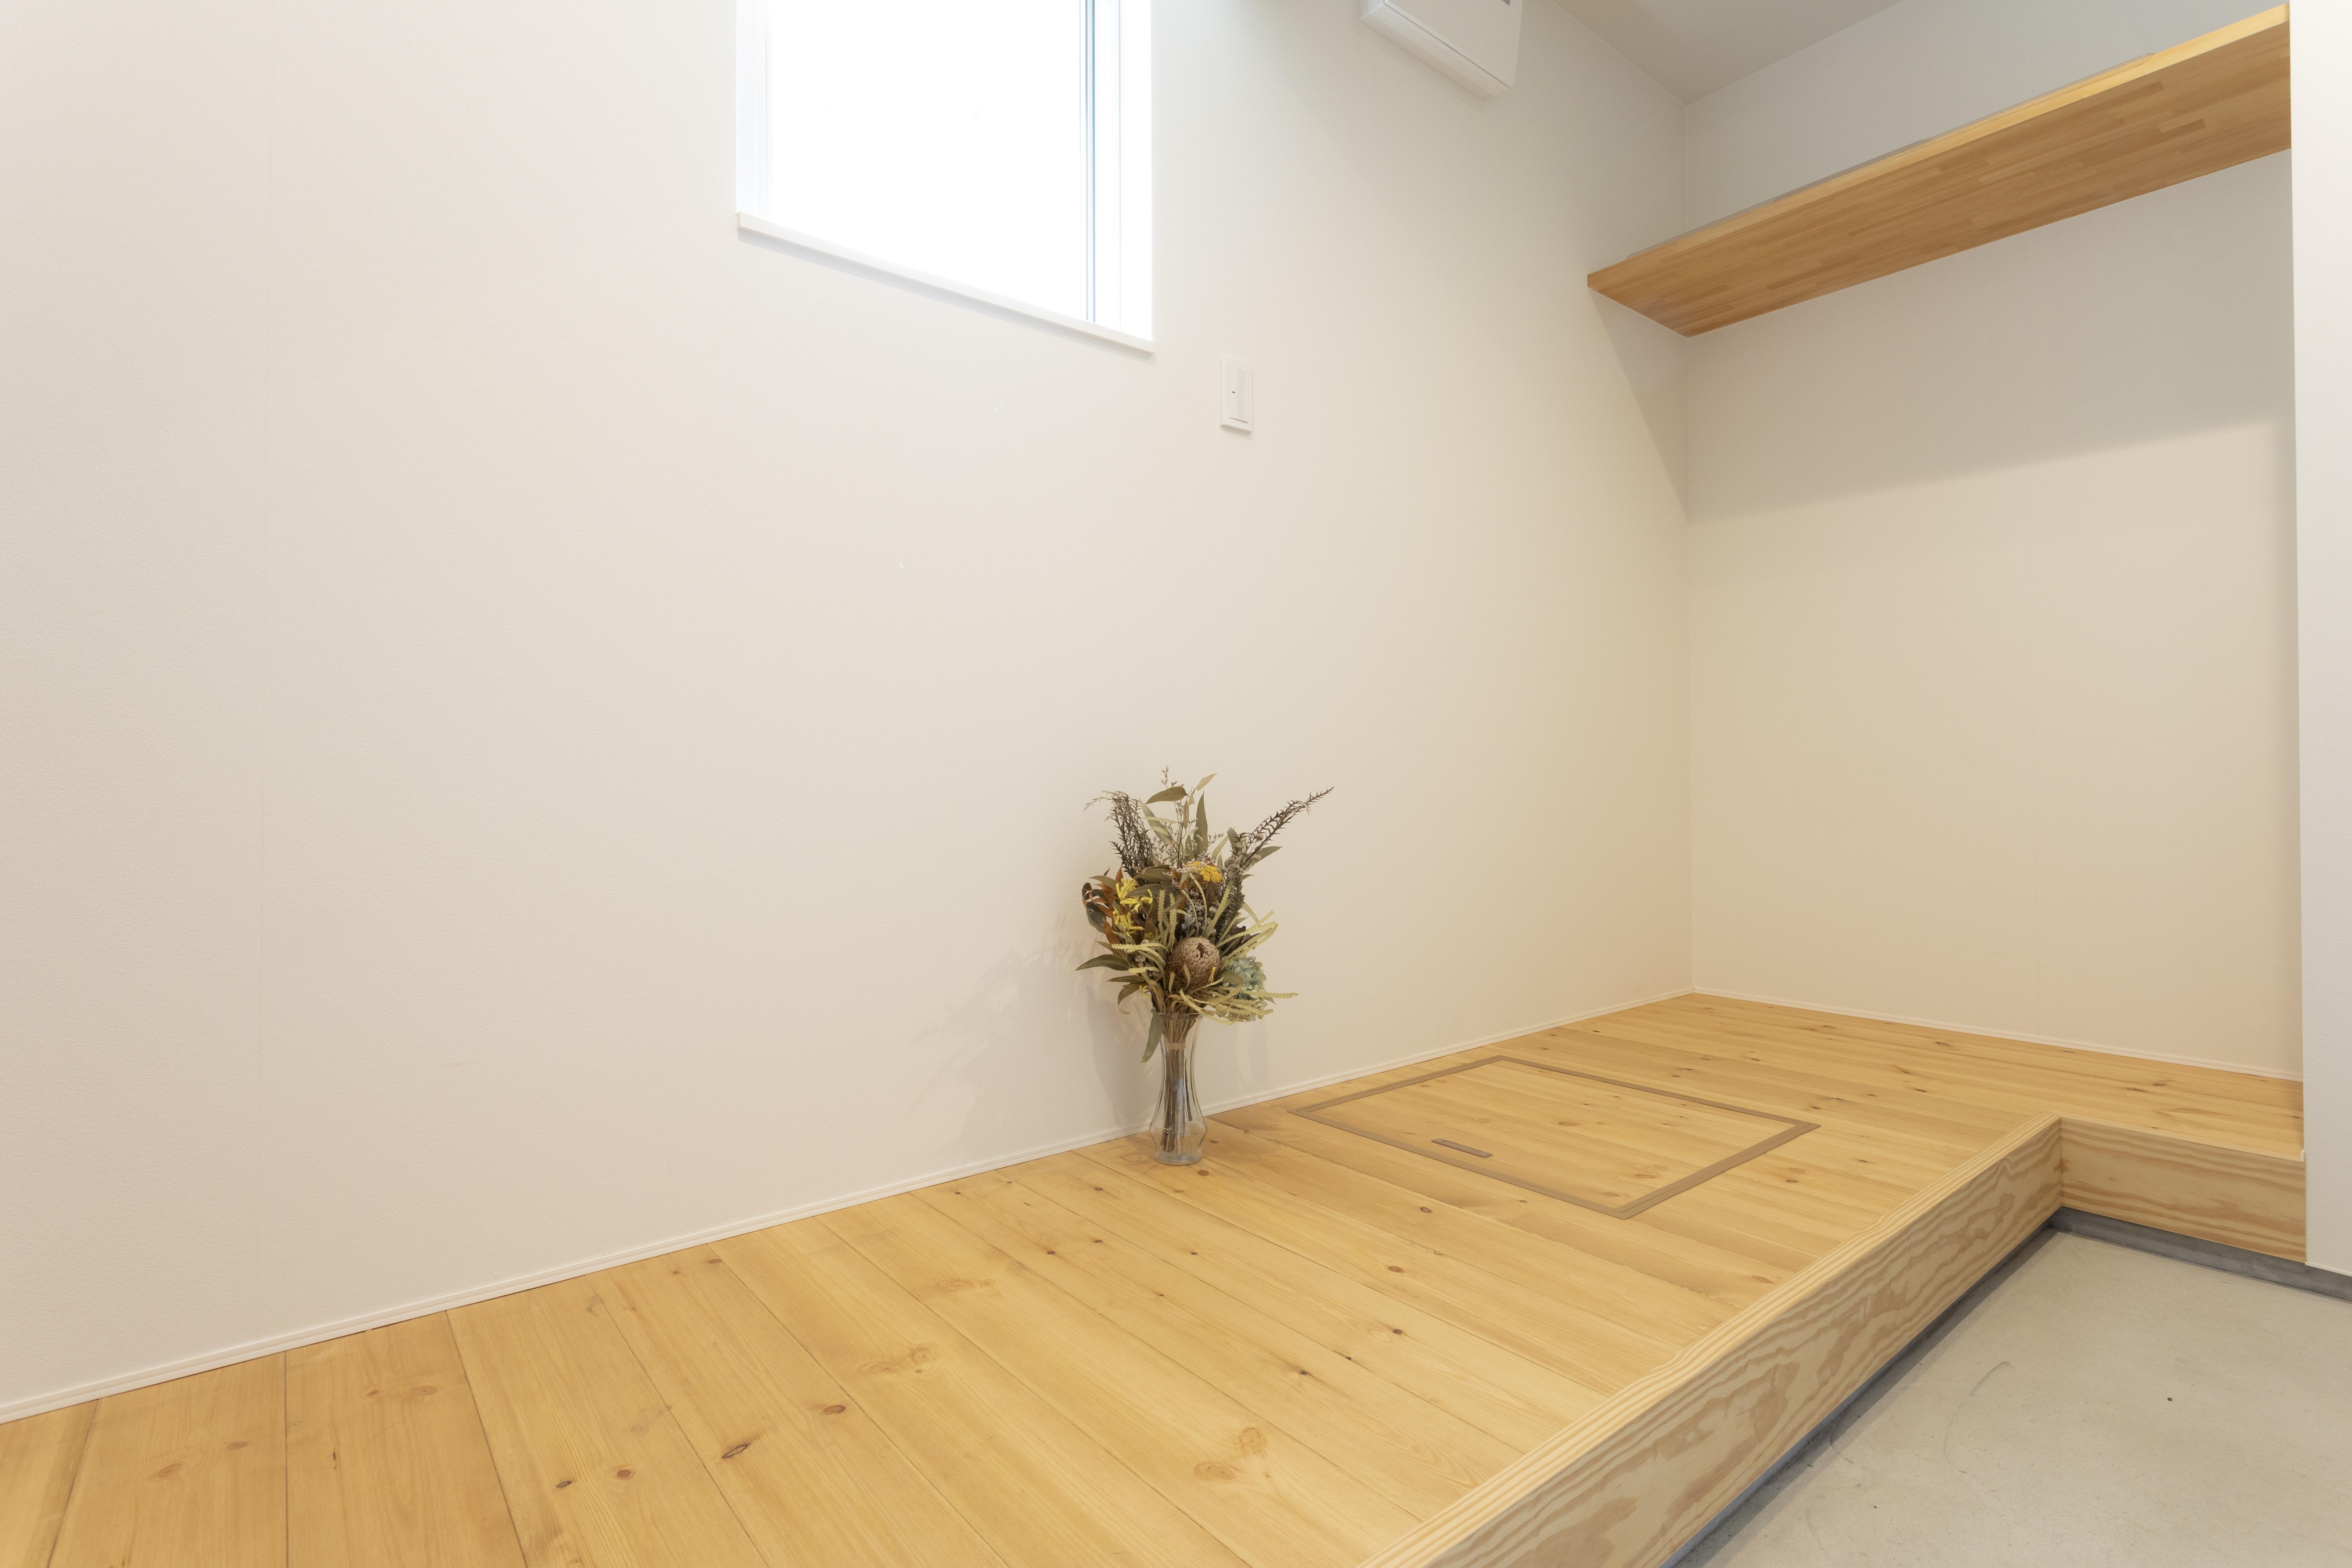 アトリエプラス【収納力、自然素材、間取り】すっきりとした玄関は土間部分を広くとり、便利な収納スペースを確保。